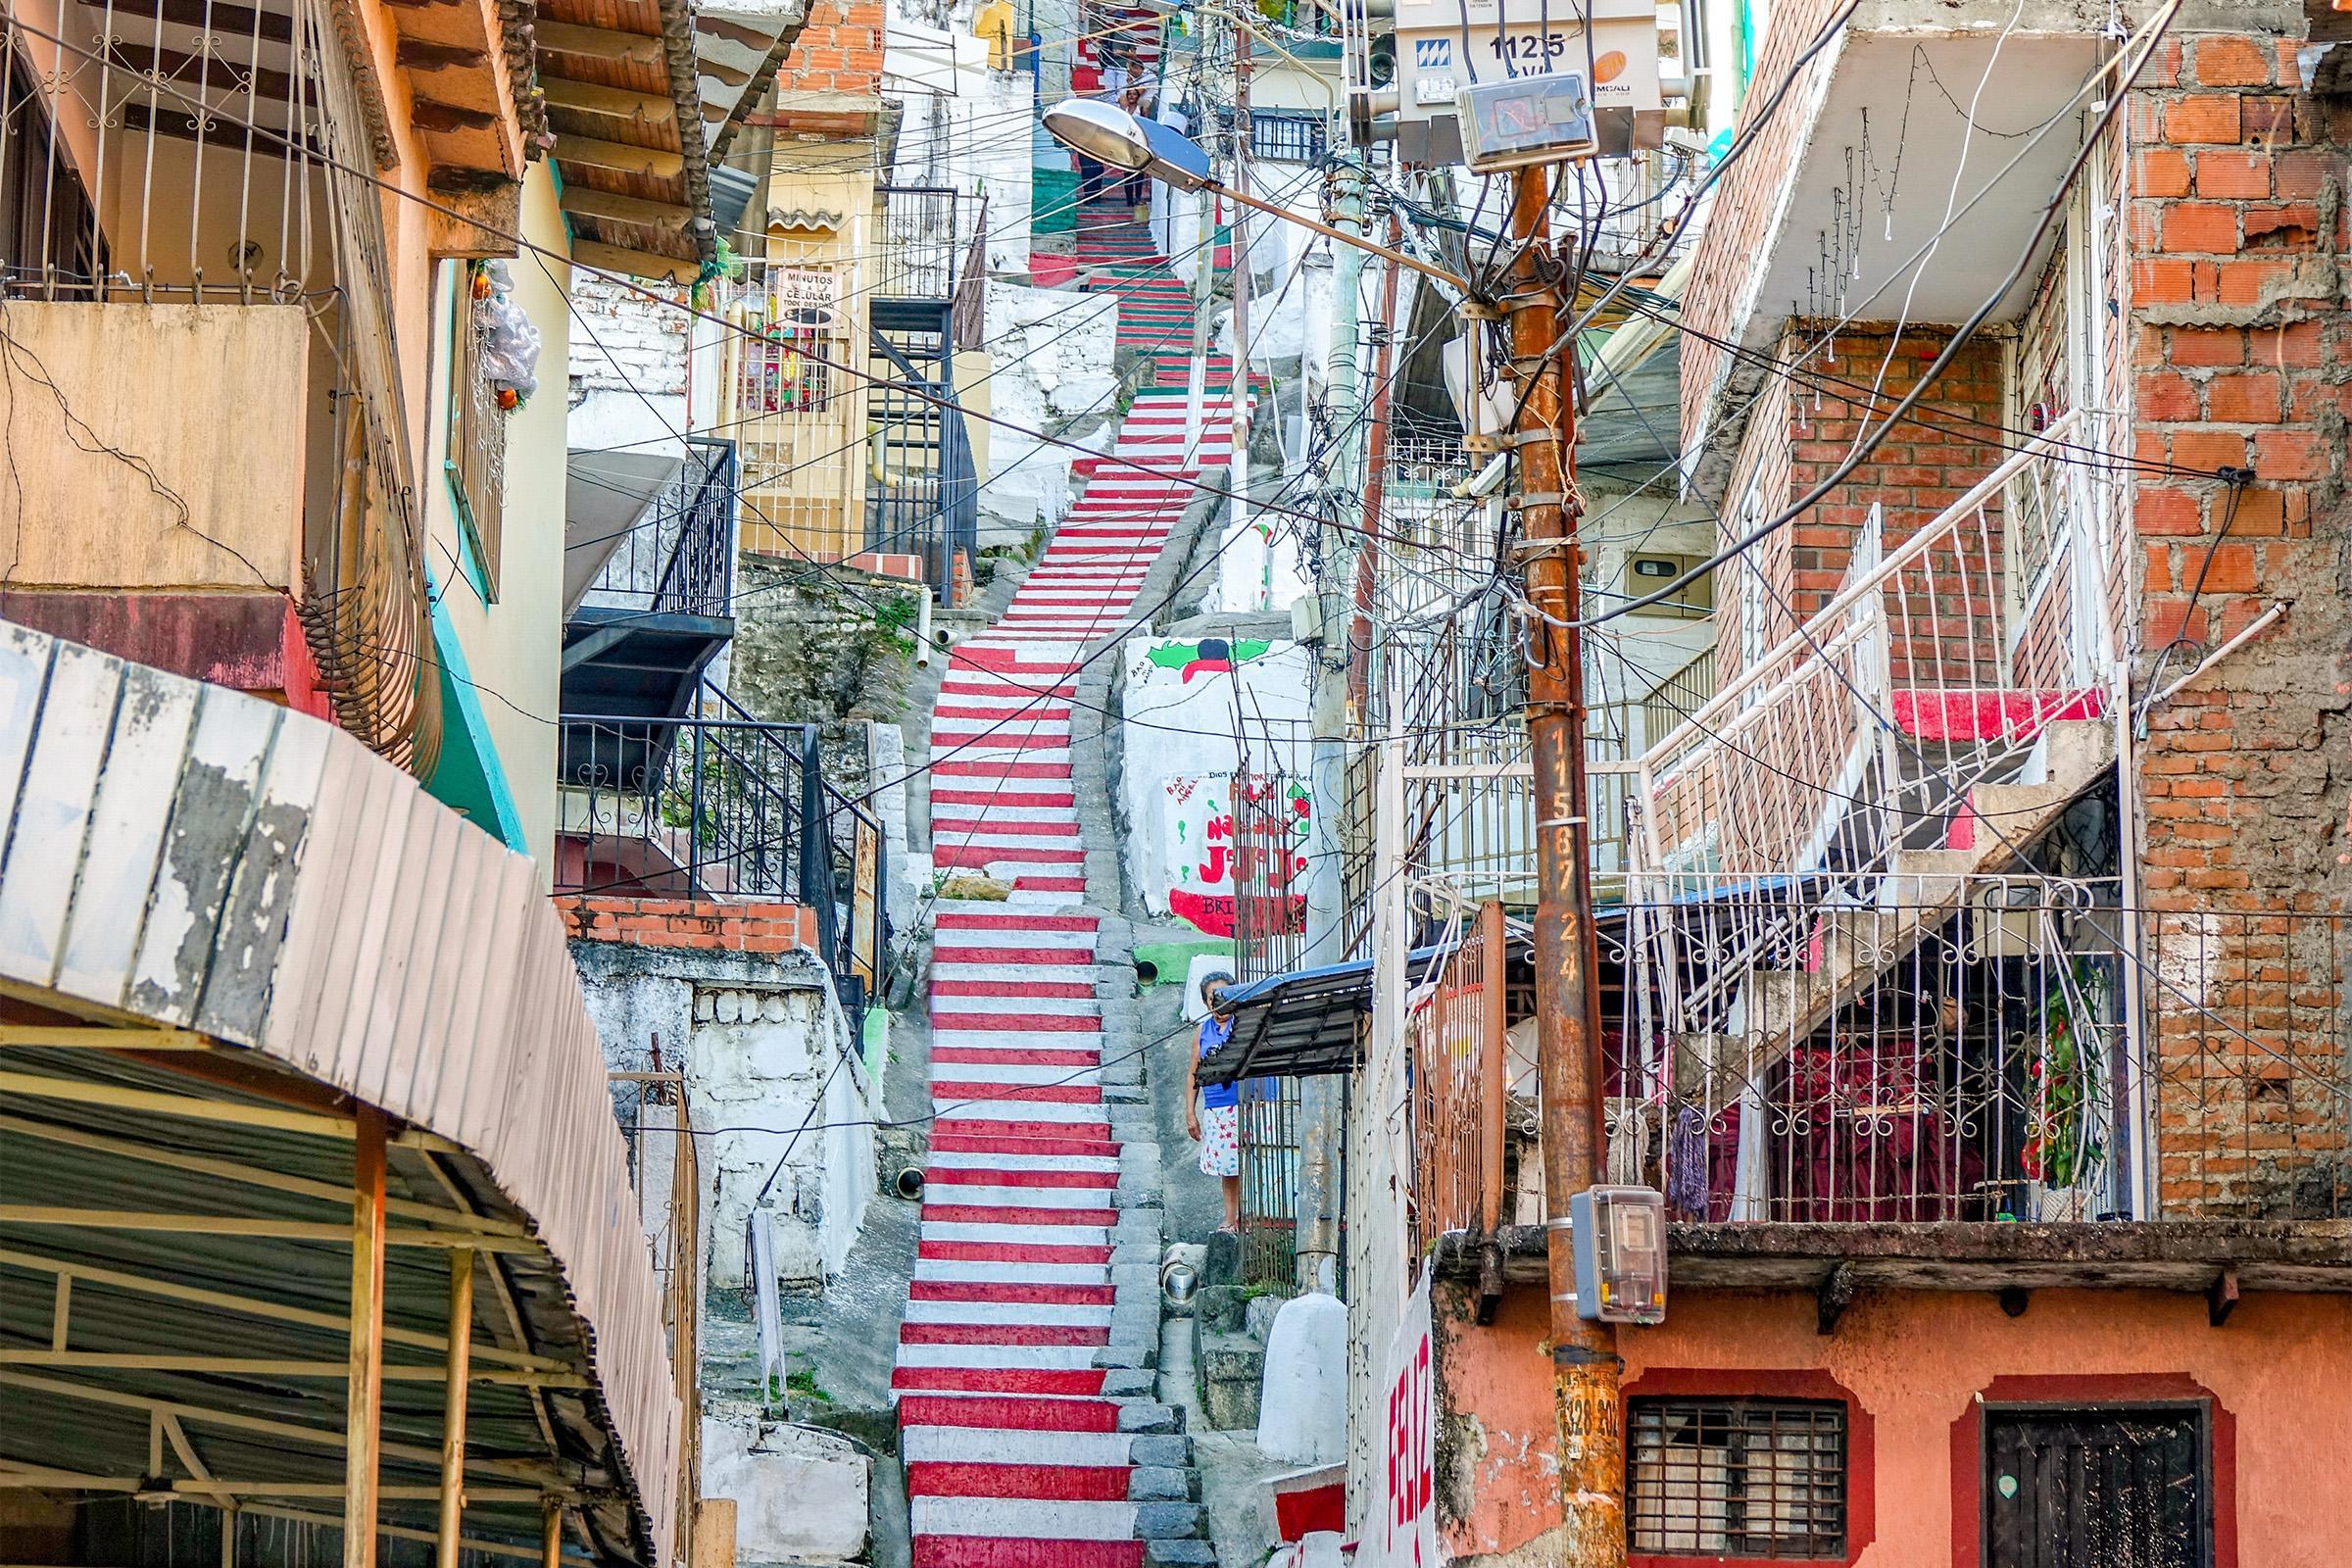 Tendances voyage 2020 Cali Colombie